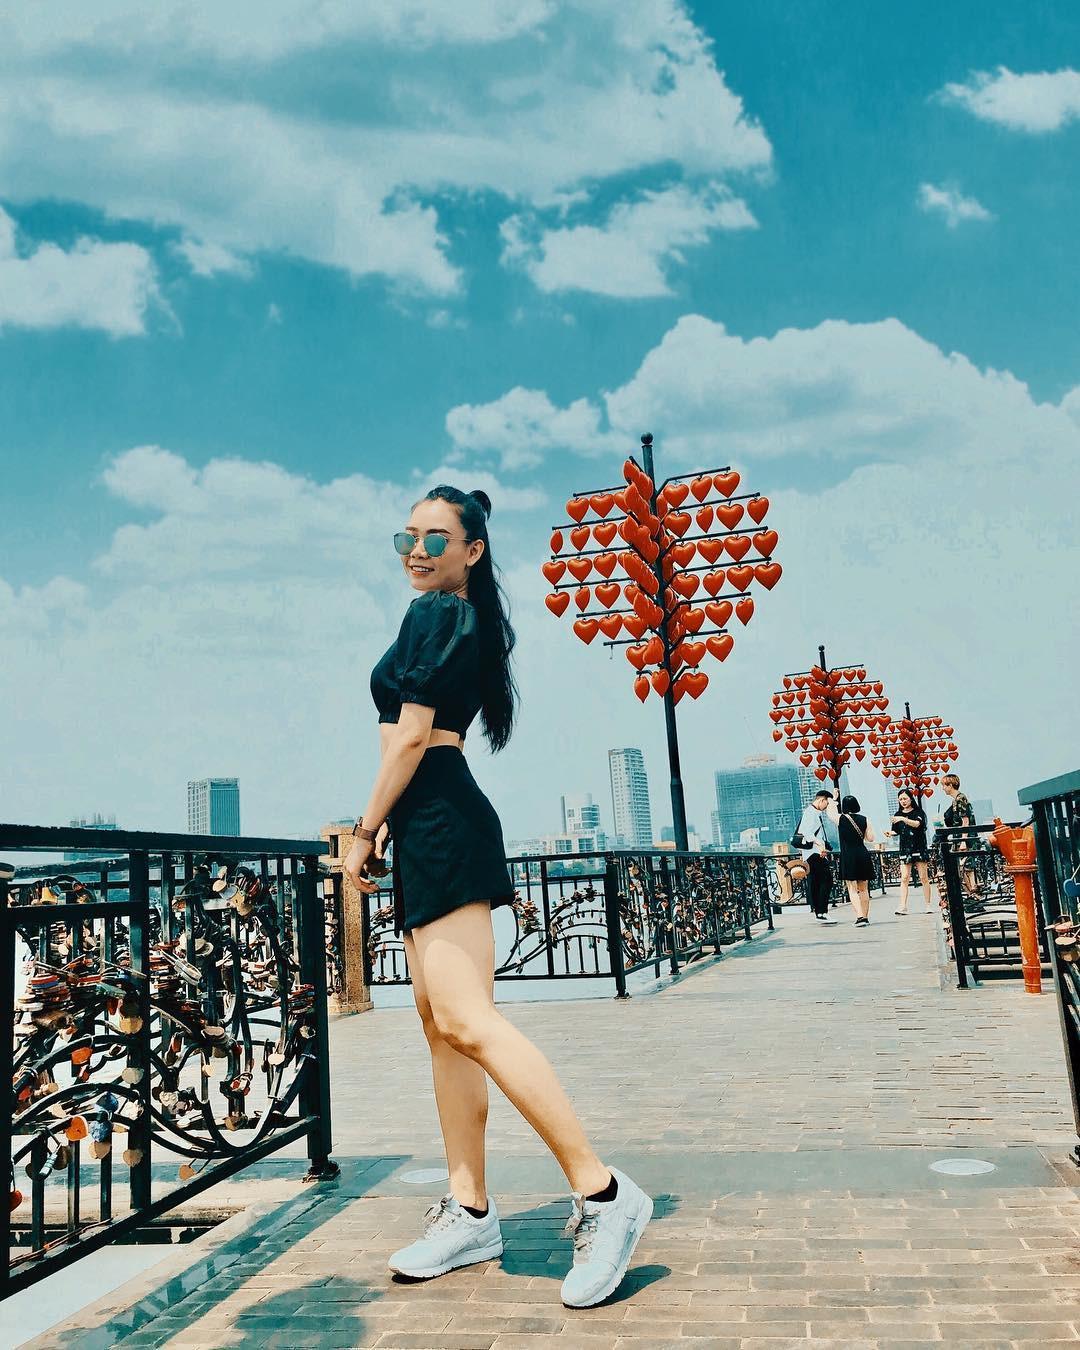 """""""Act cool đứng hình mất 5s"""" trước 8 cây cầu sống ảo đẹp nhất Việt Nam, bạn đã check-in hết chưa? - Ảnh 9."""